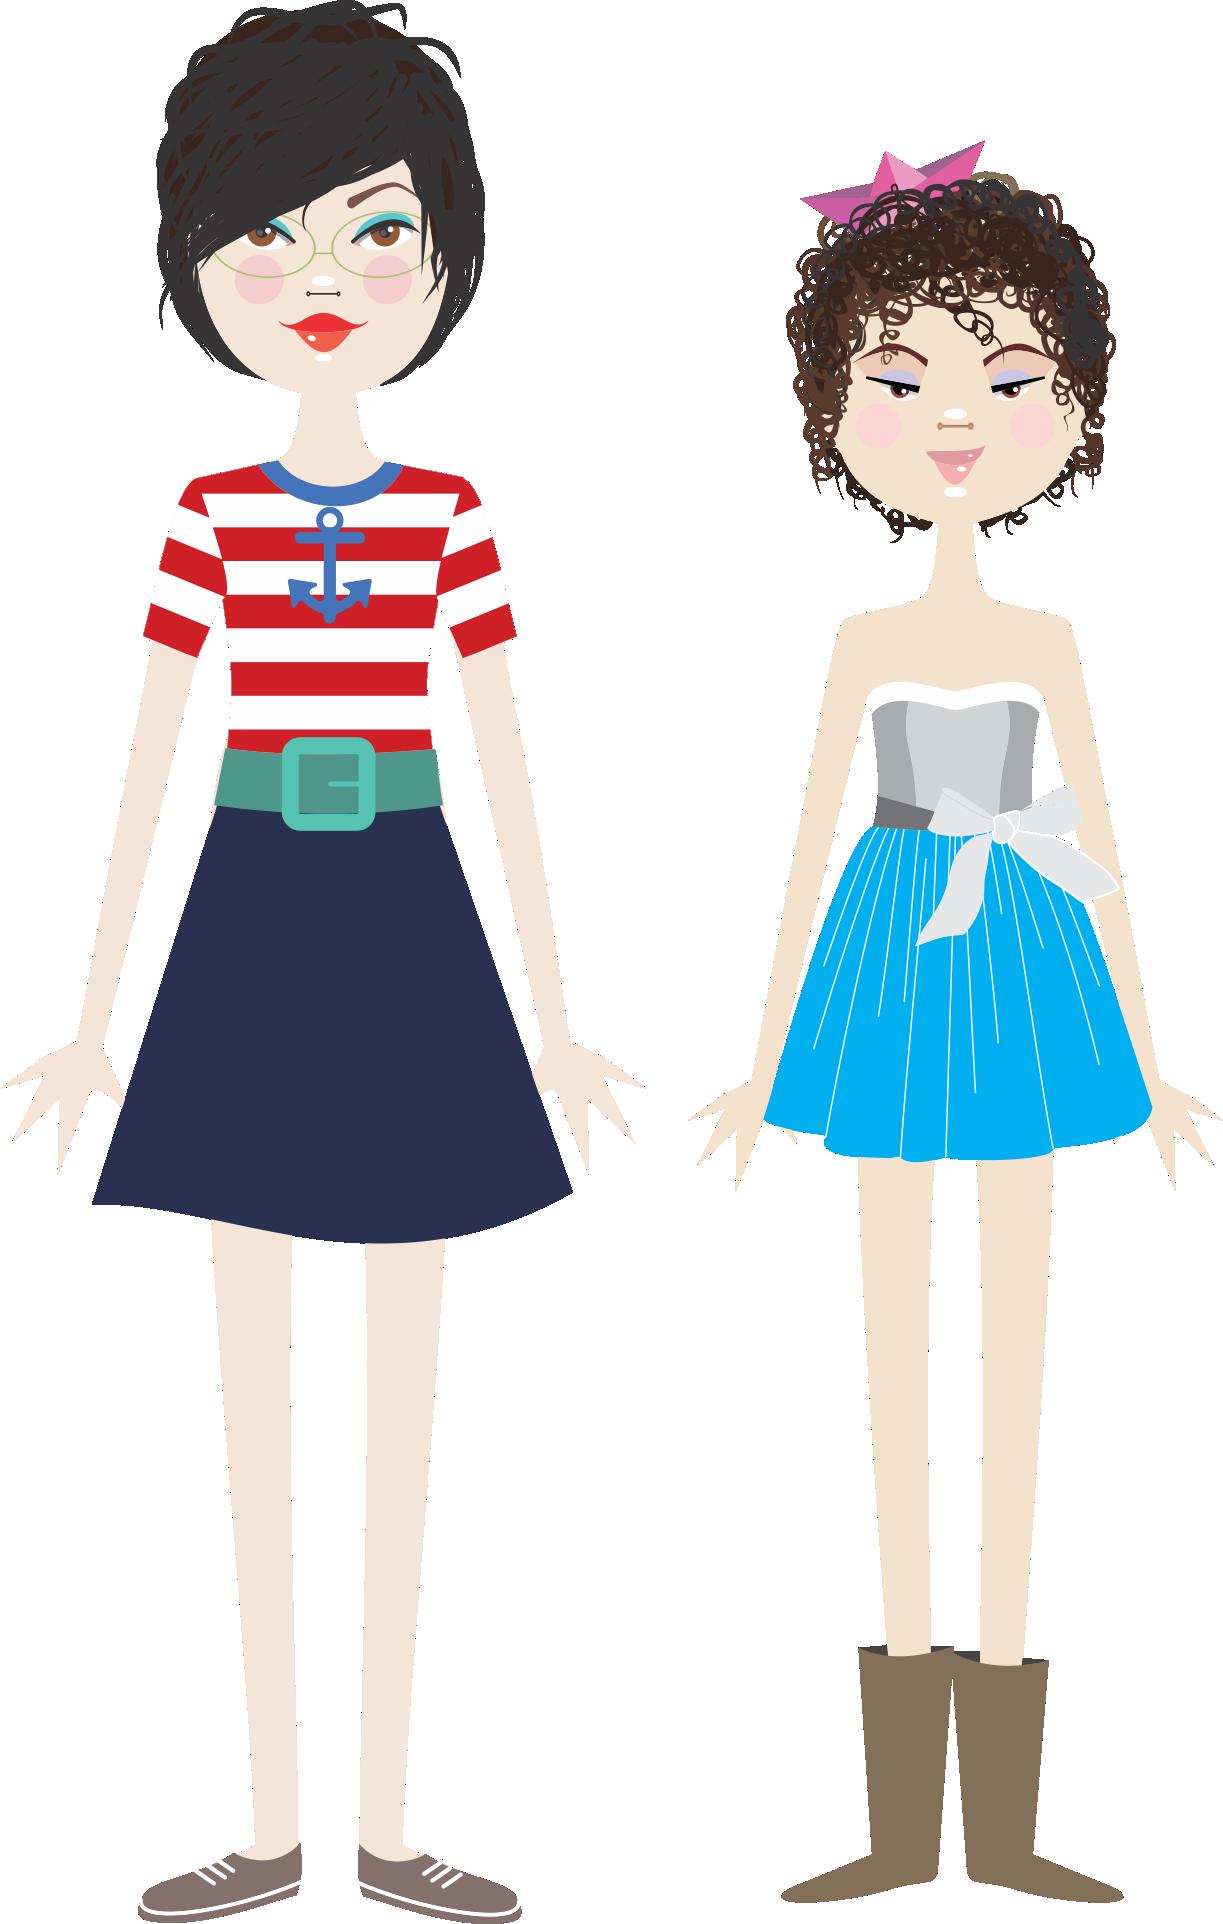 Ilustracoes meninas 2.png